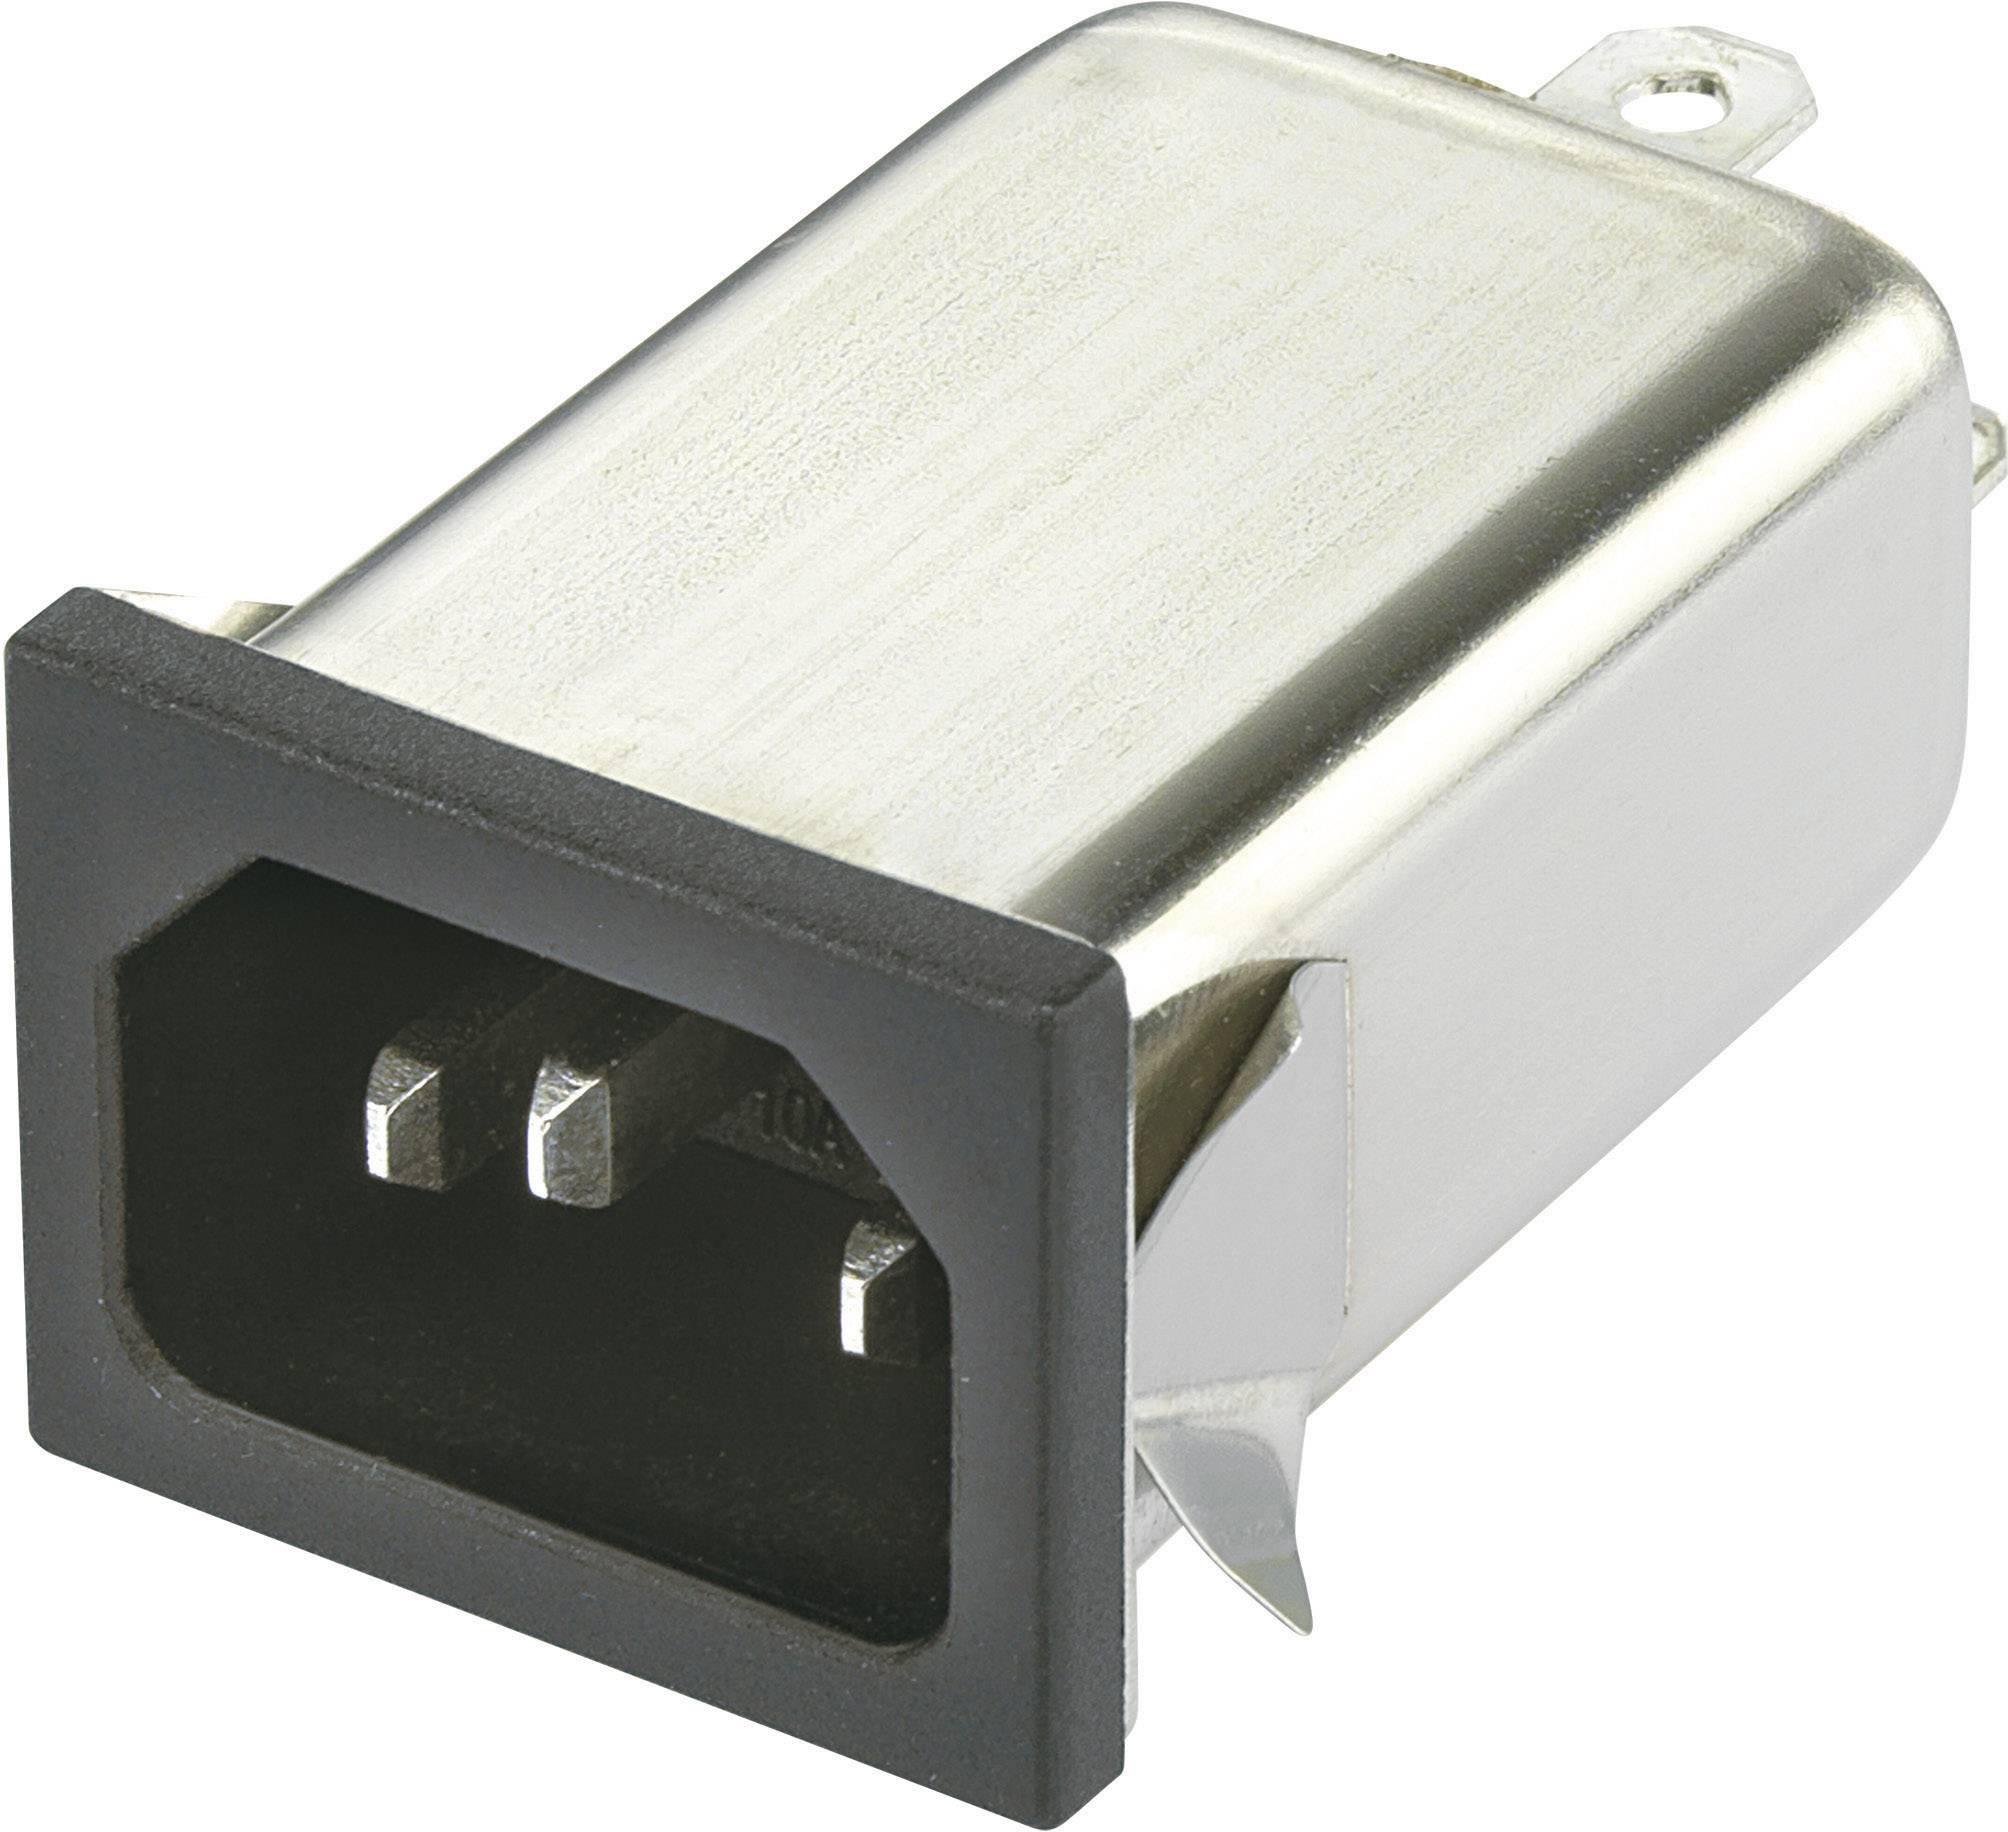 Sieťový filter Yunpen YO06T1 530106, s IEC zásuvkou, 250 V/AC, 6 A, 0.7 mH, (d x š x v) 59.5 x 29 x 22 mm, 1 ks